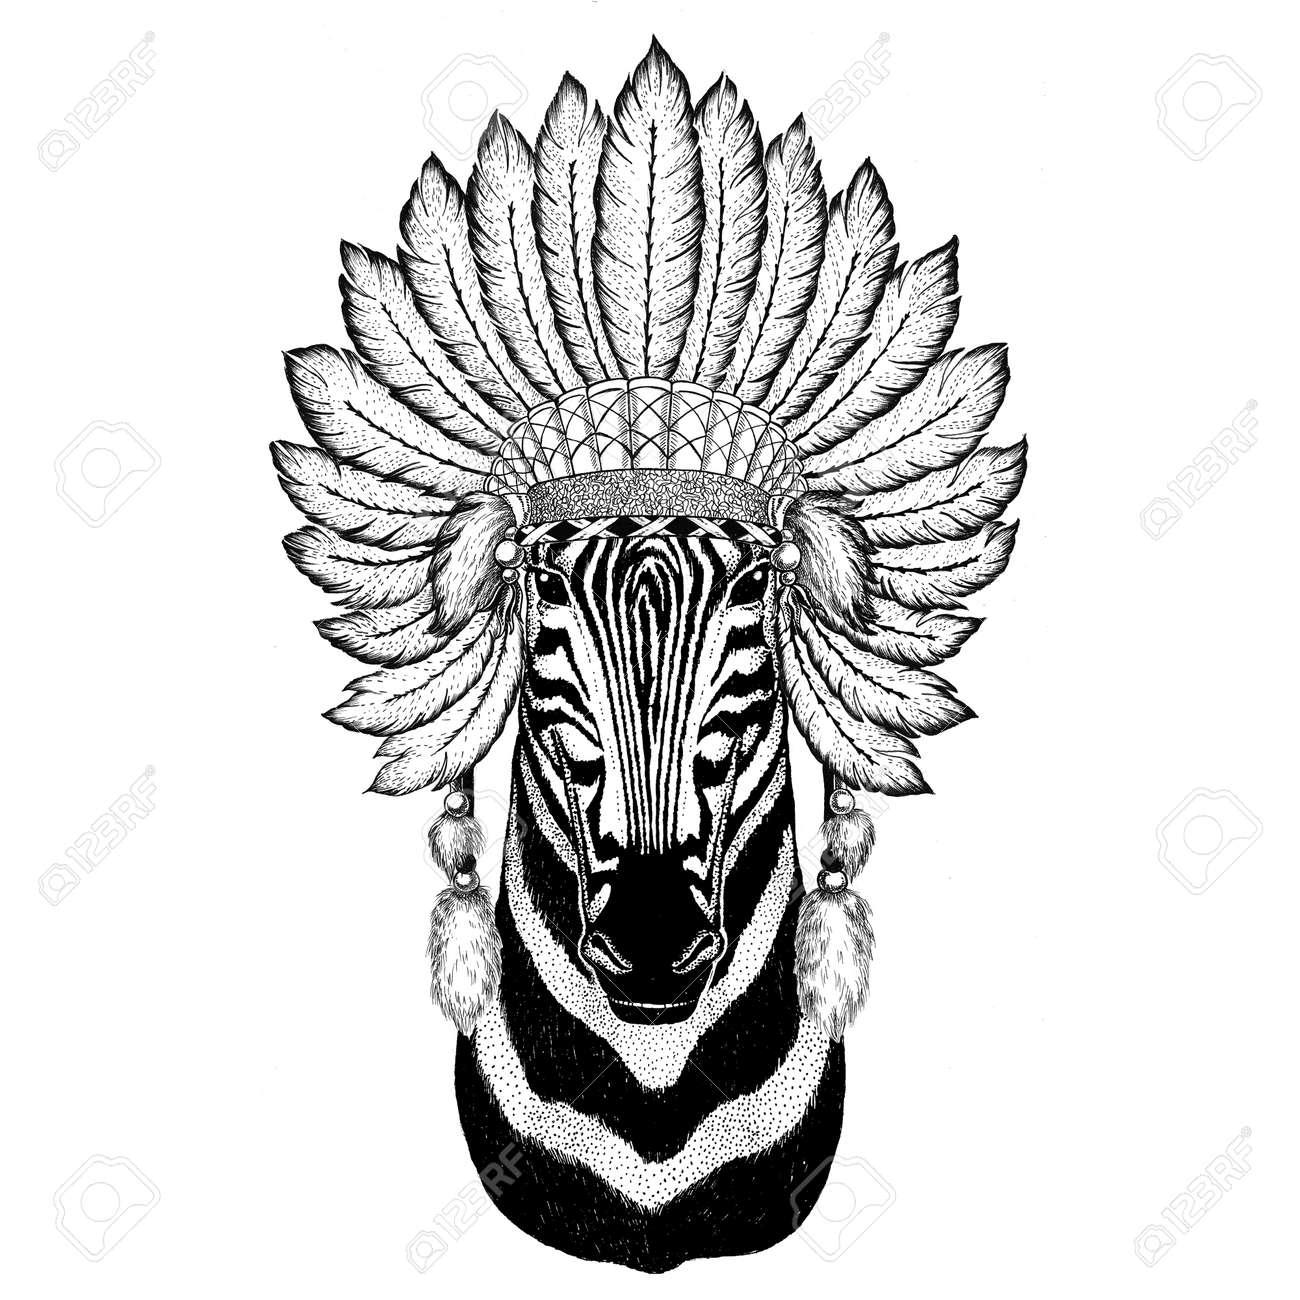 Animal sauvage zèbre portant chapeau indiat avec plumes Illustration  vintage de gravure style boho Image pour